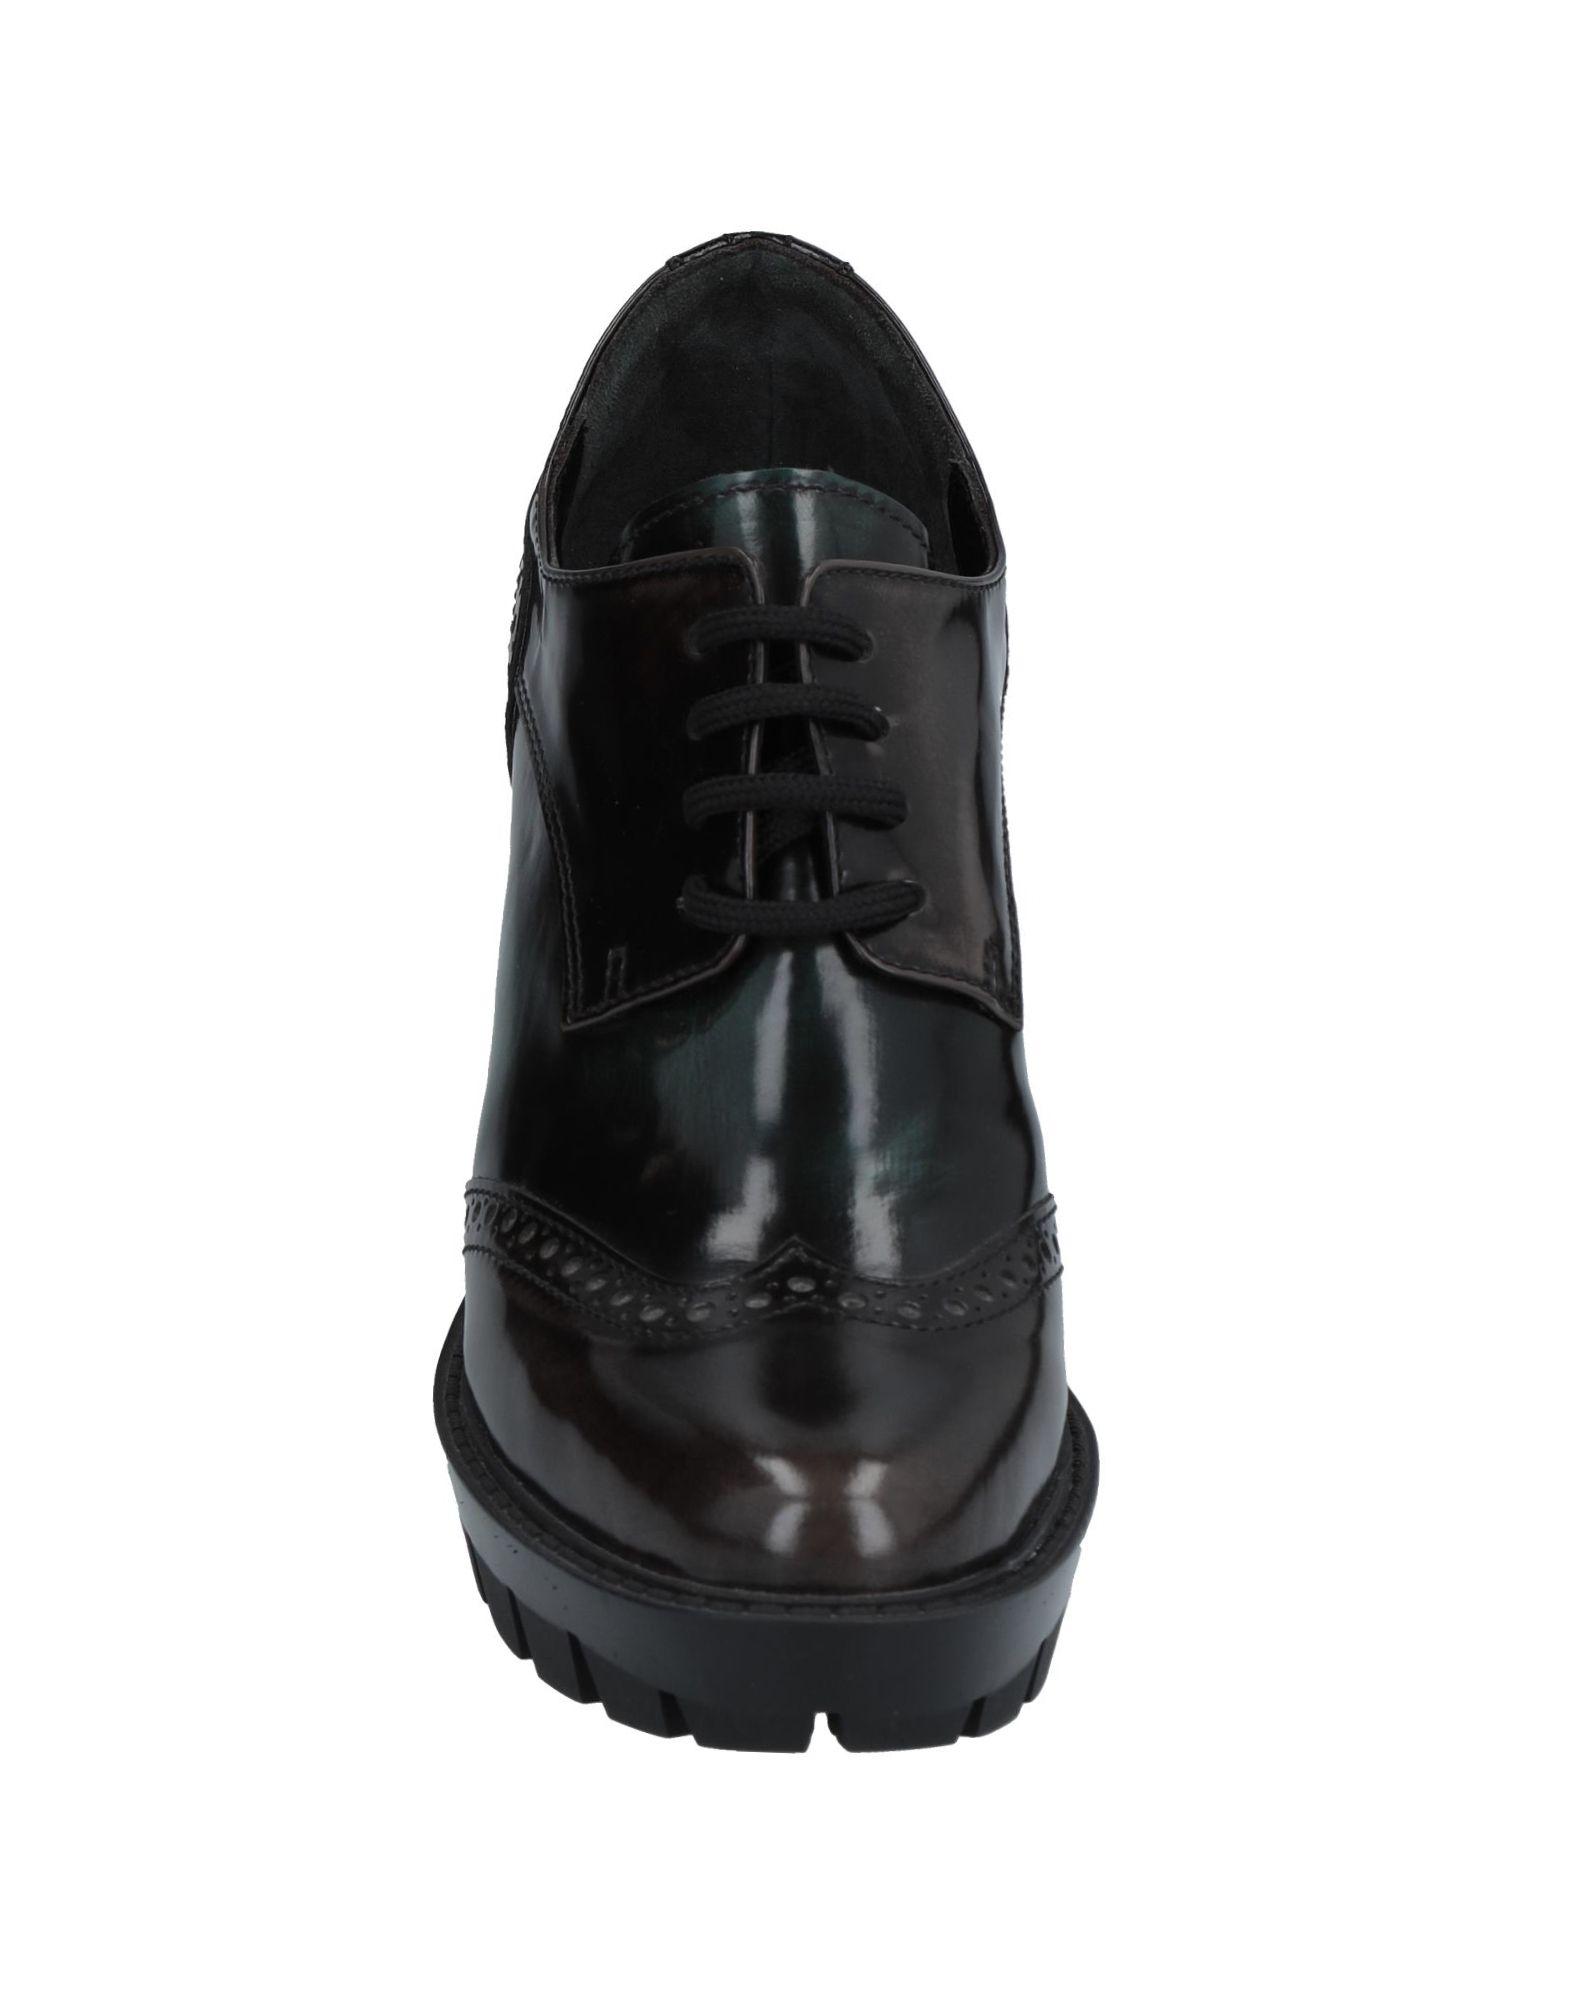 Paola Parisi Schnürschuhe Damen beliebte  11539541CD Gute Qualität beliebte Damen Schuhe e8fb2e